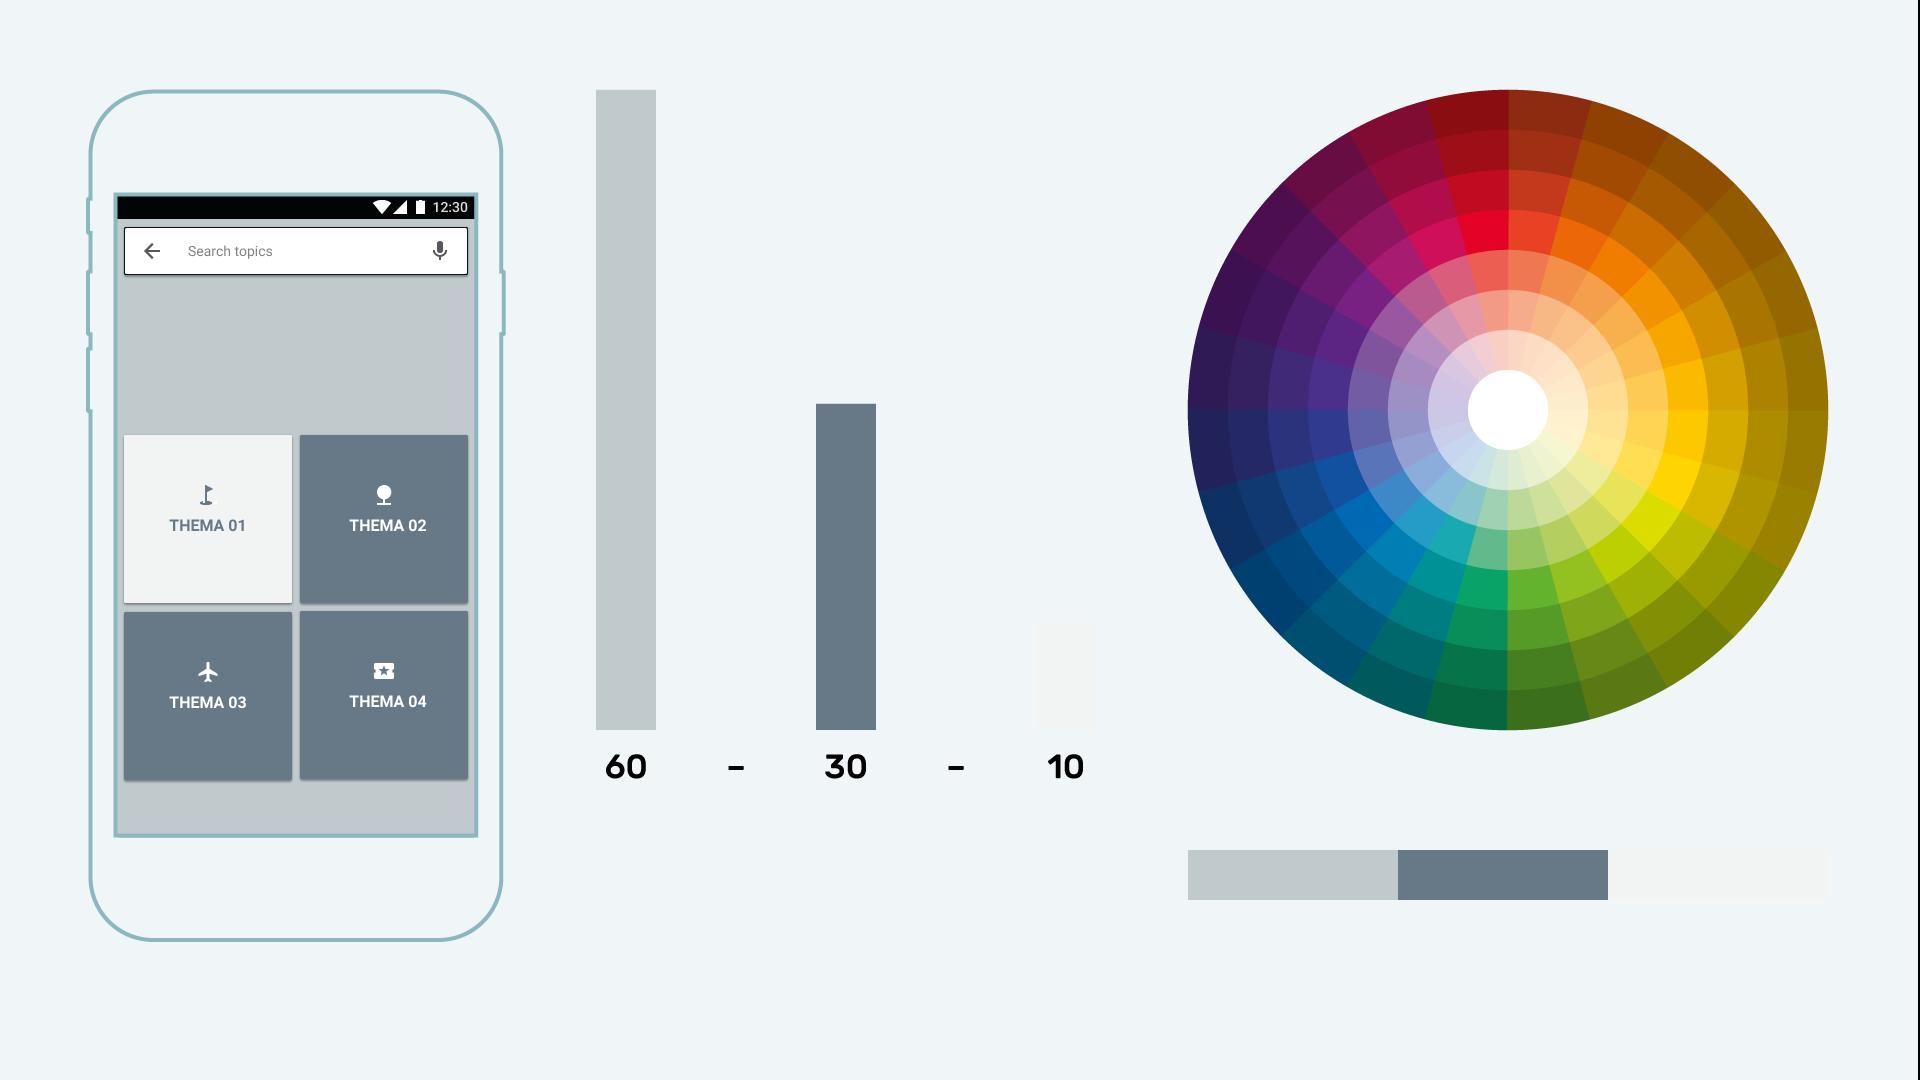 Infografik Userinterfacedesign Farbe Mengenkontrast 01 positiv